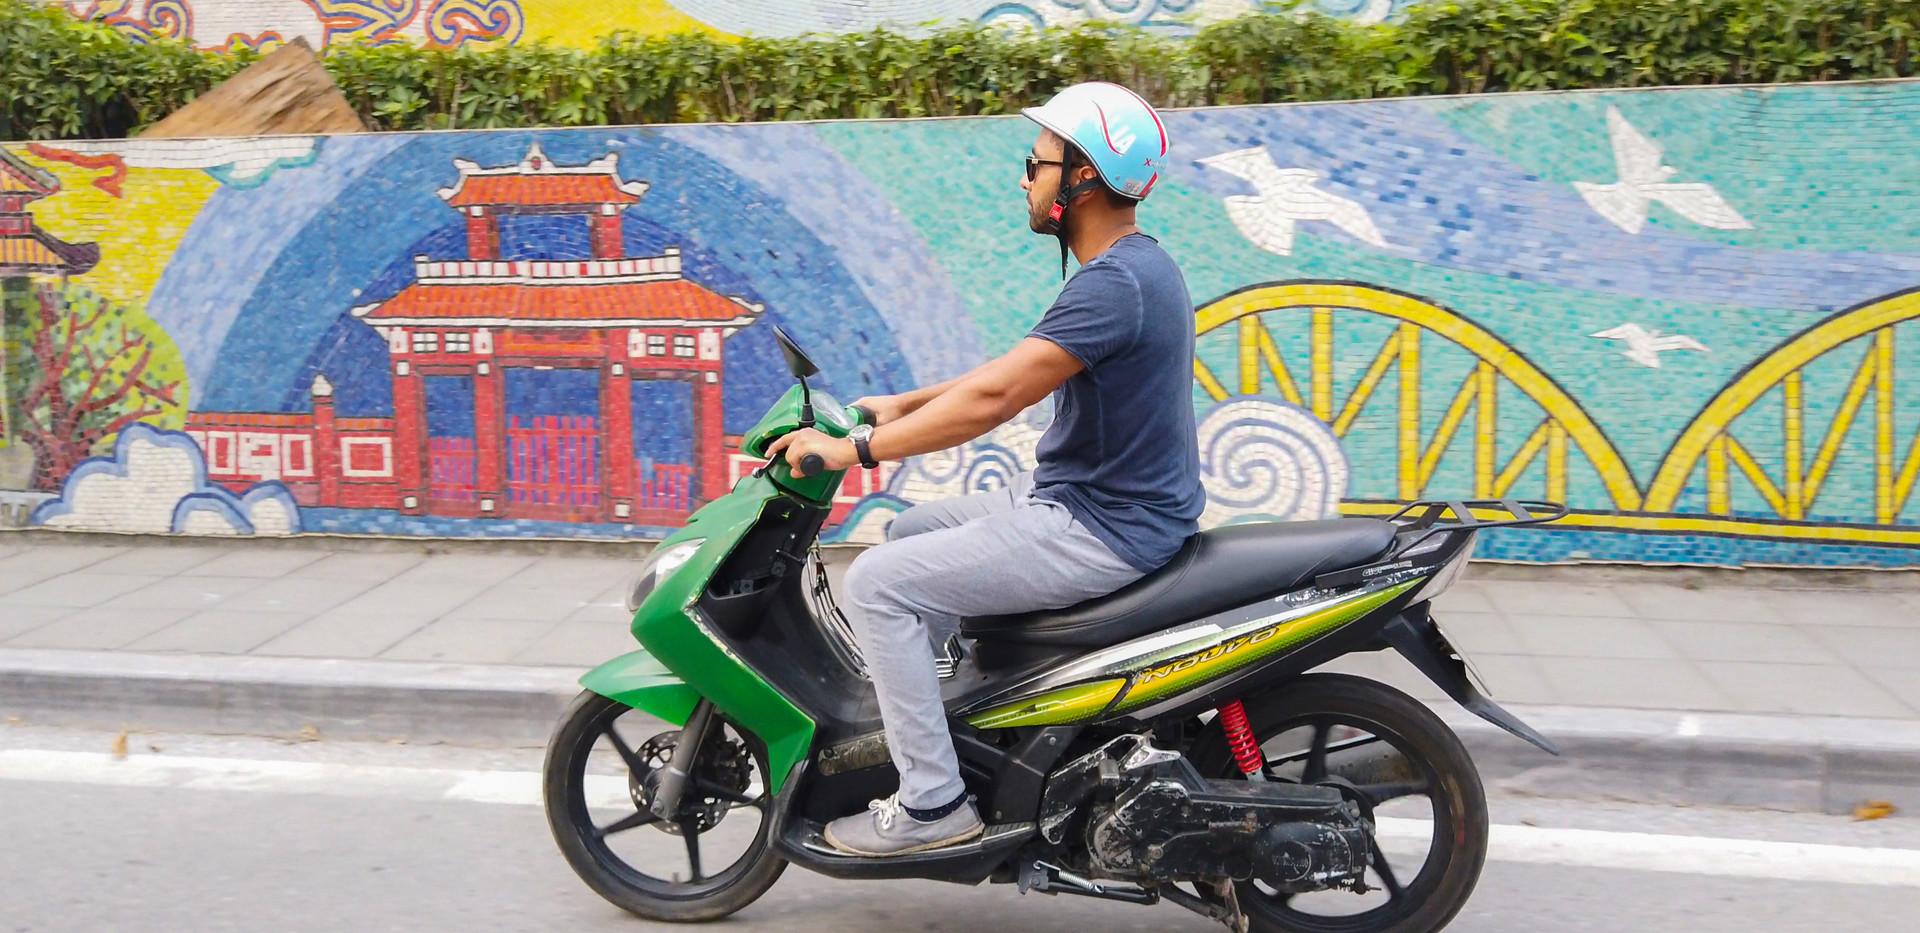 vietnam-bike.jpg